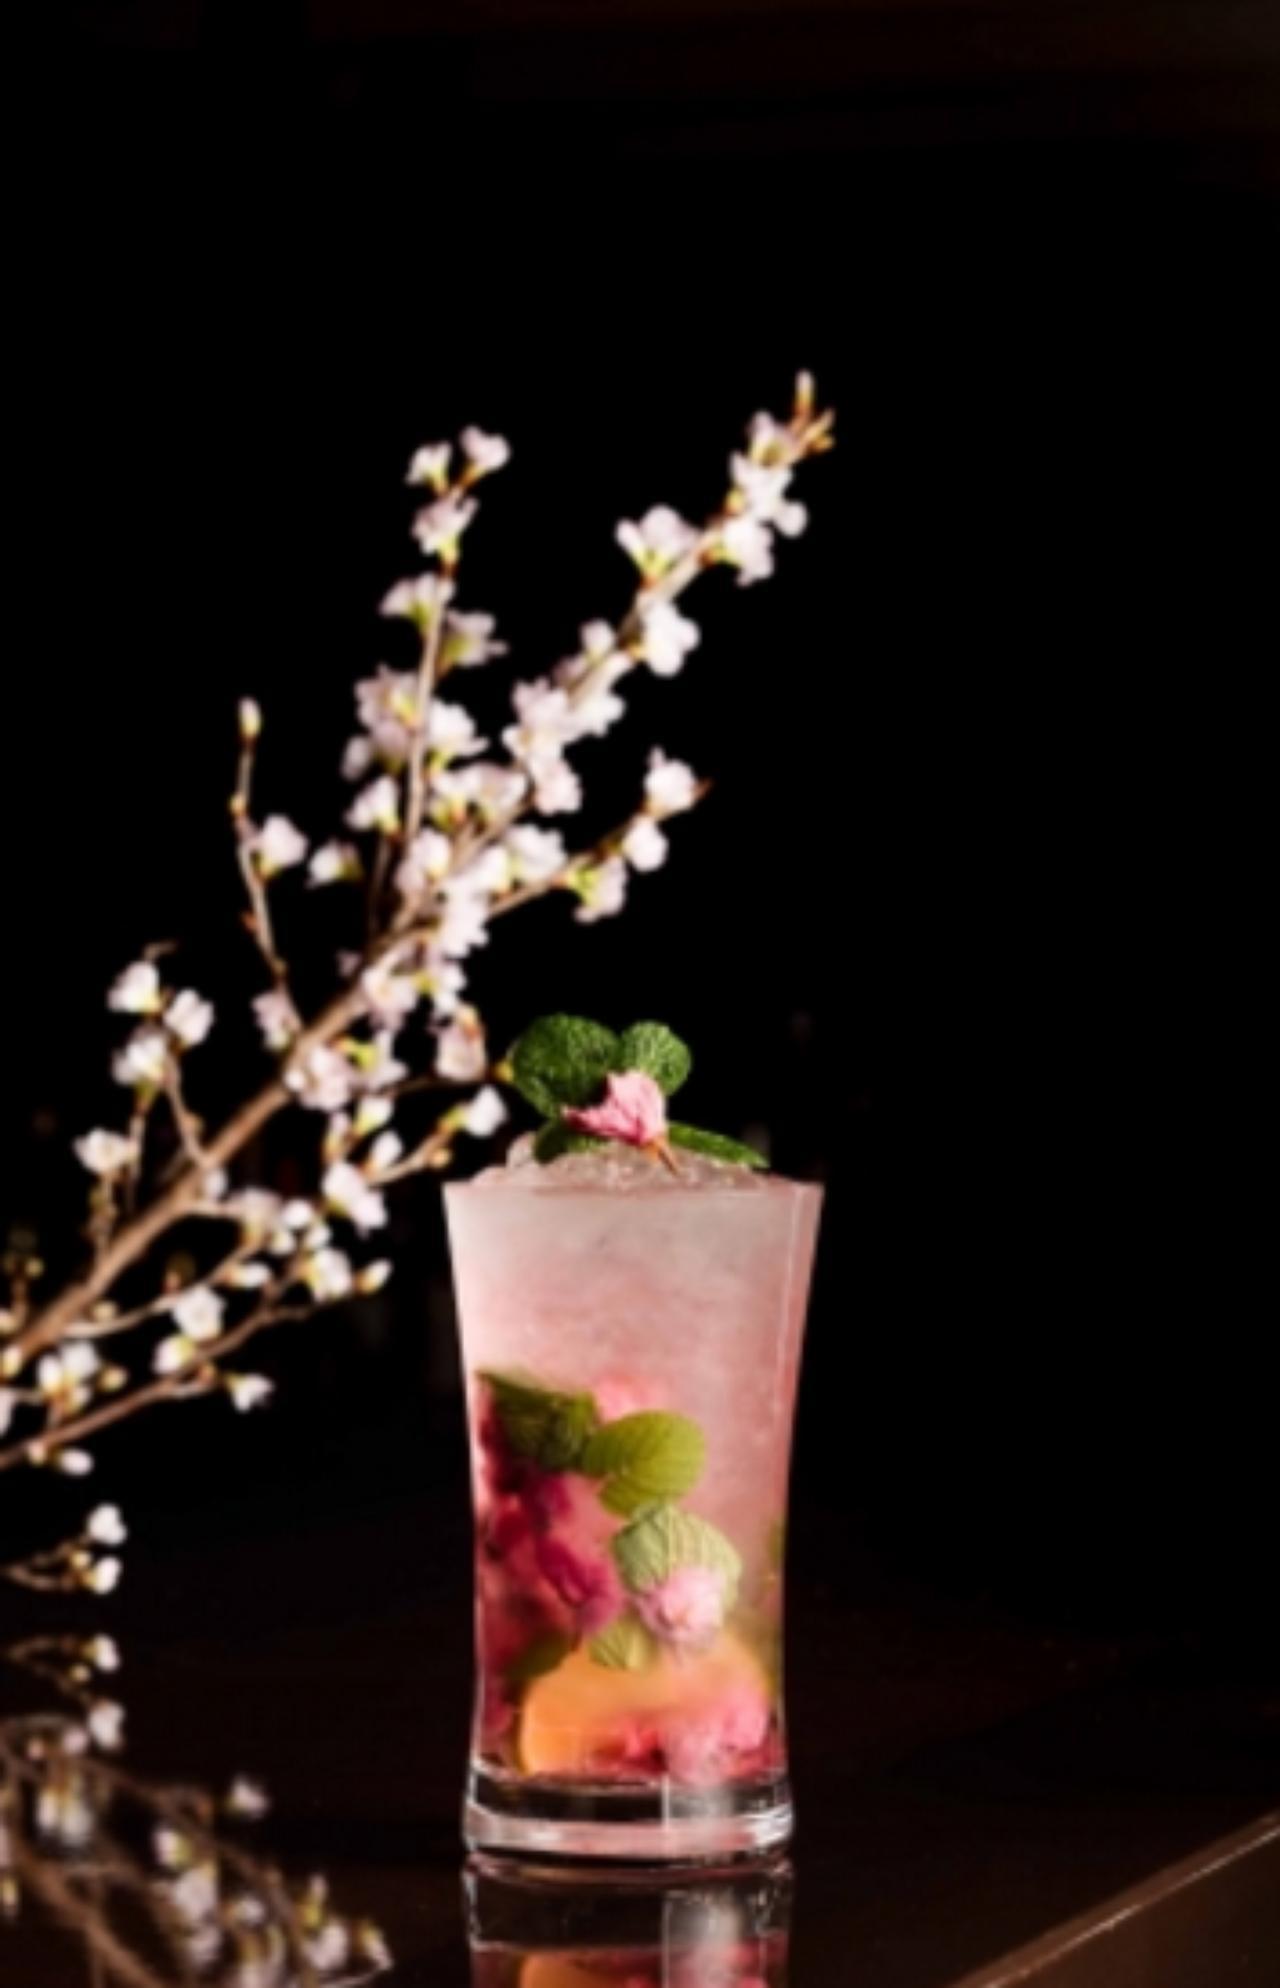 画像: 桜モヒート Sakura Mojito 桜リキュール/桜の塩漬け/ミント/ライム/ソーダ